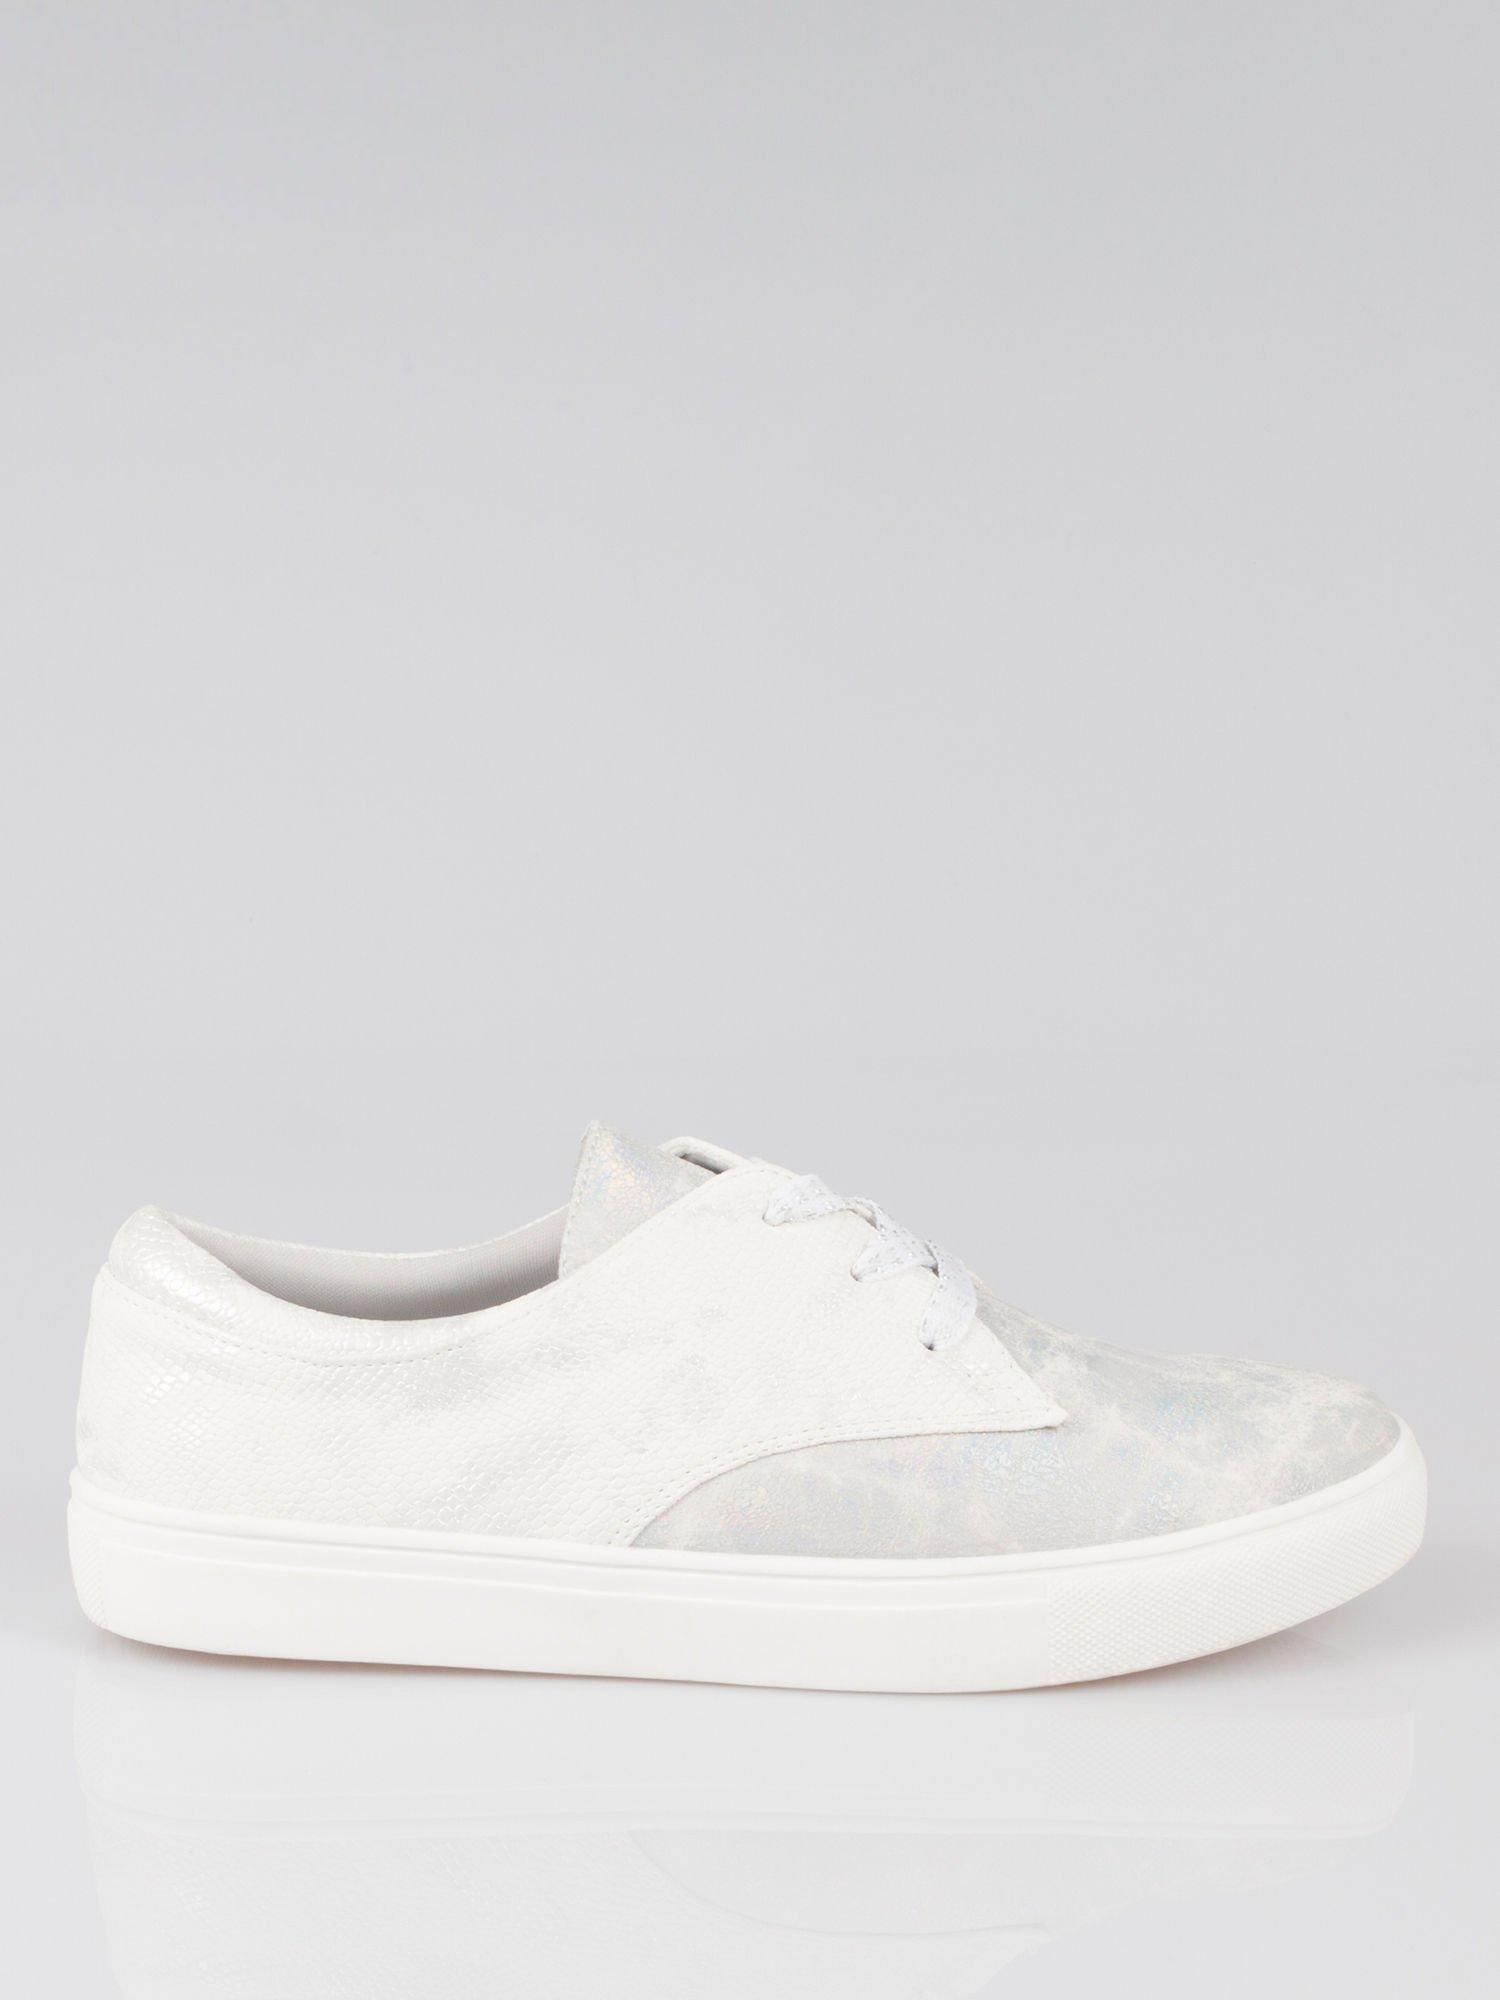 Białe buty sportowe z szarym wykończeniem Millie                                  zdj.                                  1